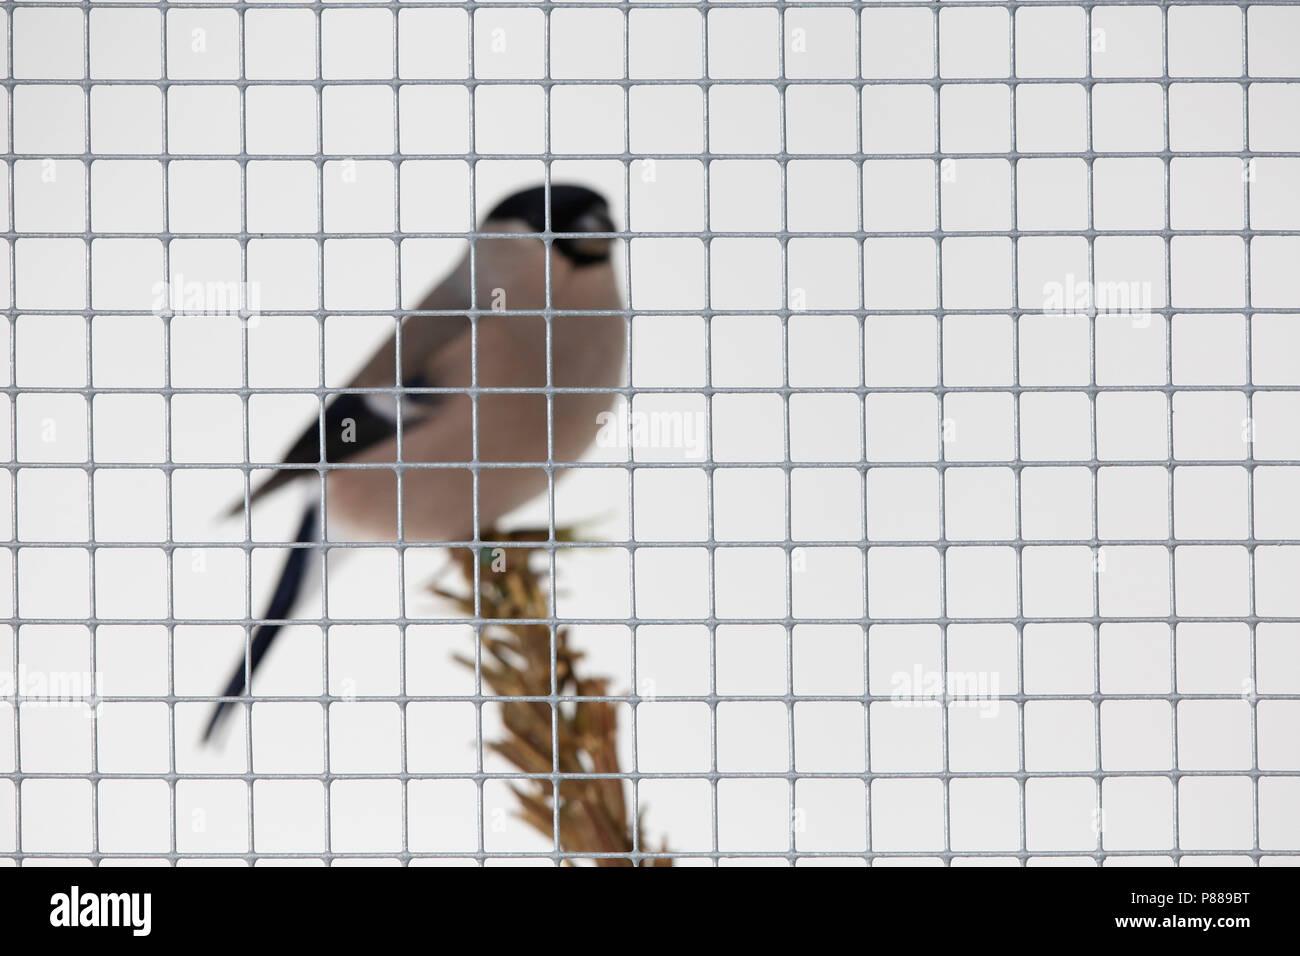 En een kooi goudvink Bouvreuil dans une cage; Photo Stock